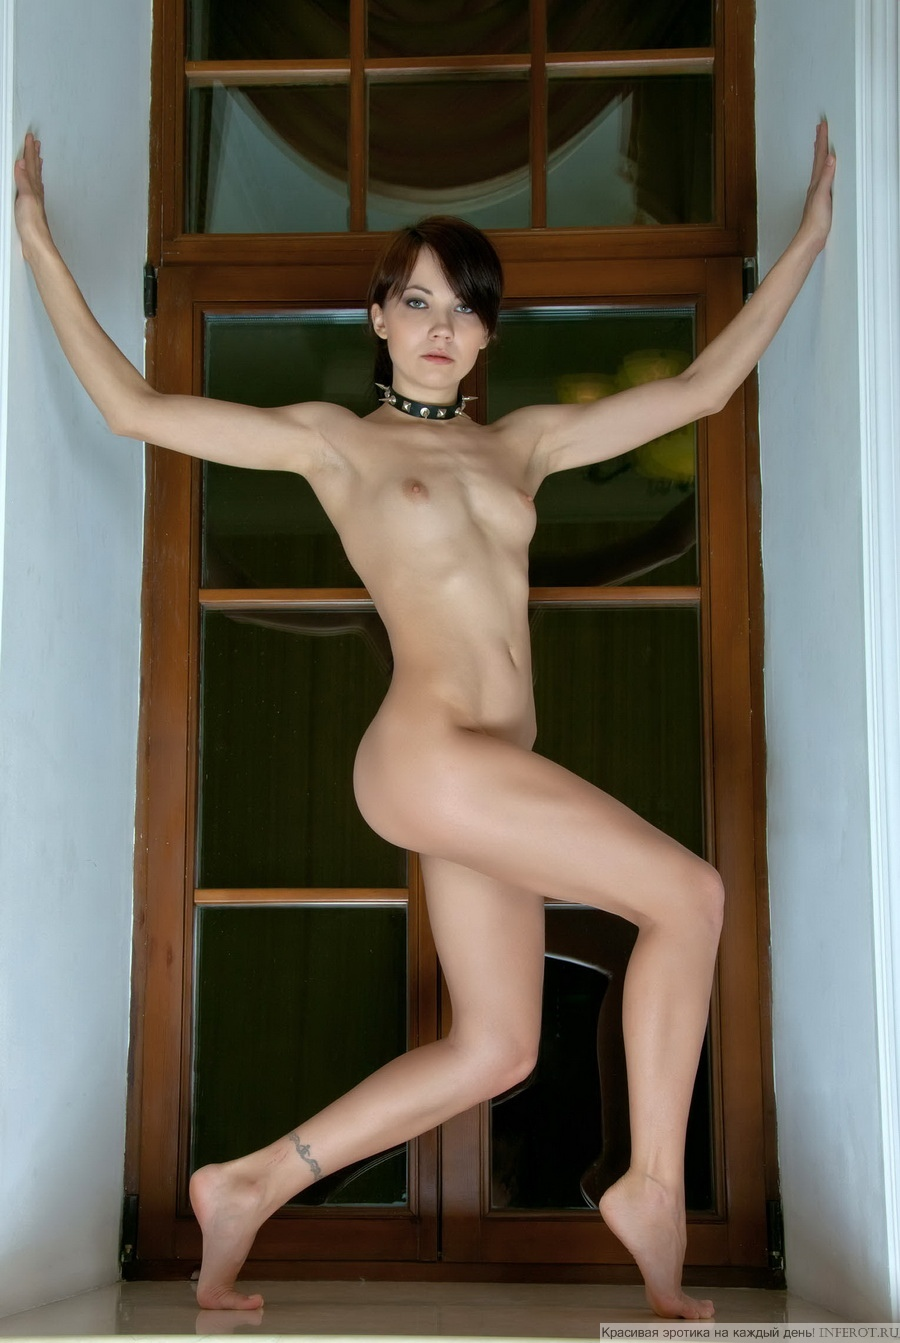 Фото подростков гимнасток голых 21 фотография